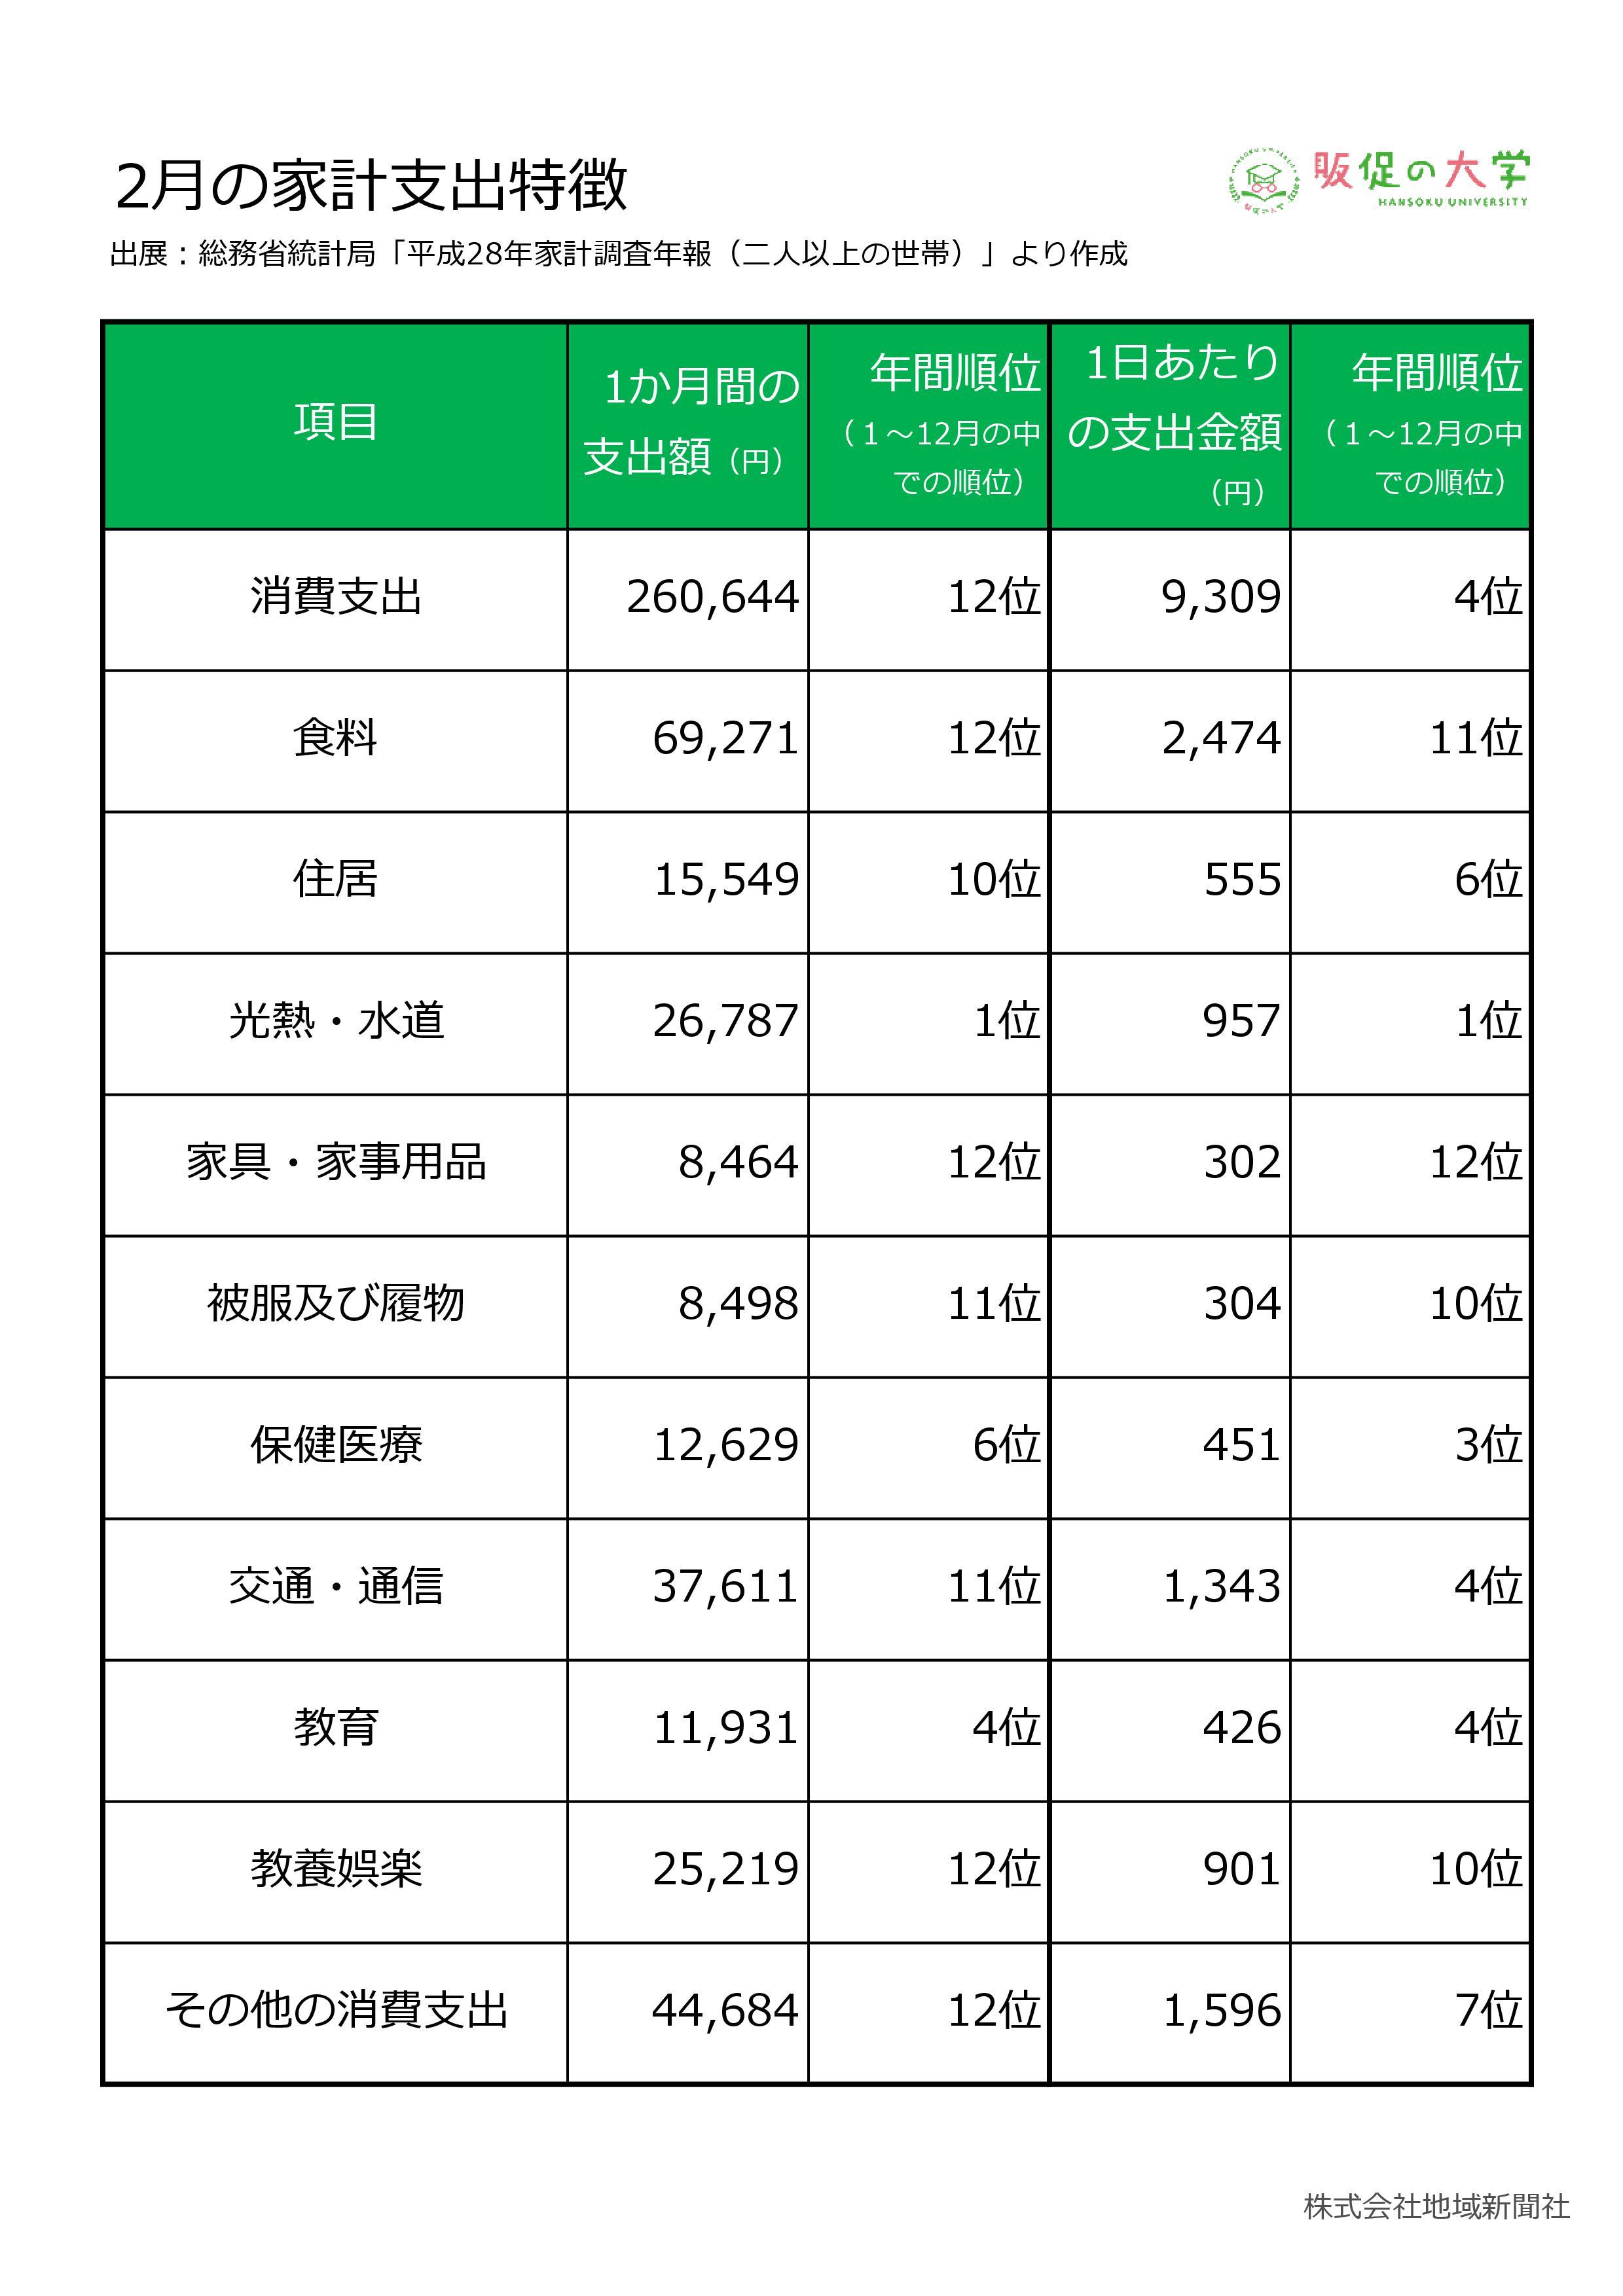 2019年2月の家計支出特徴